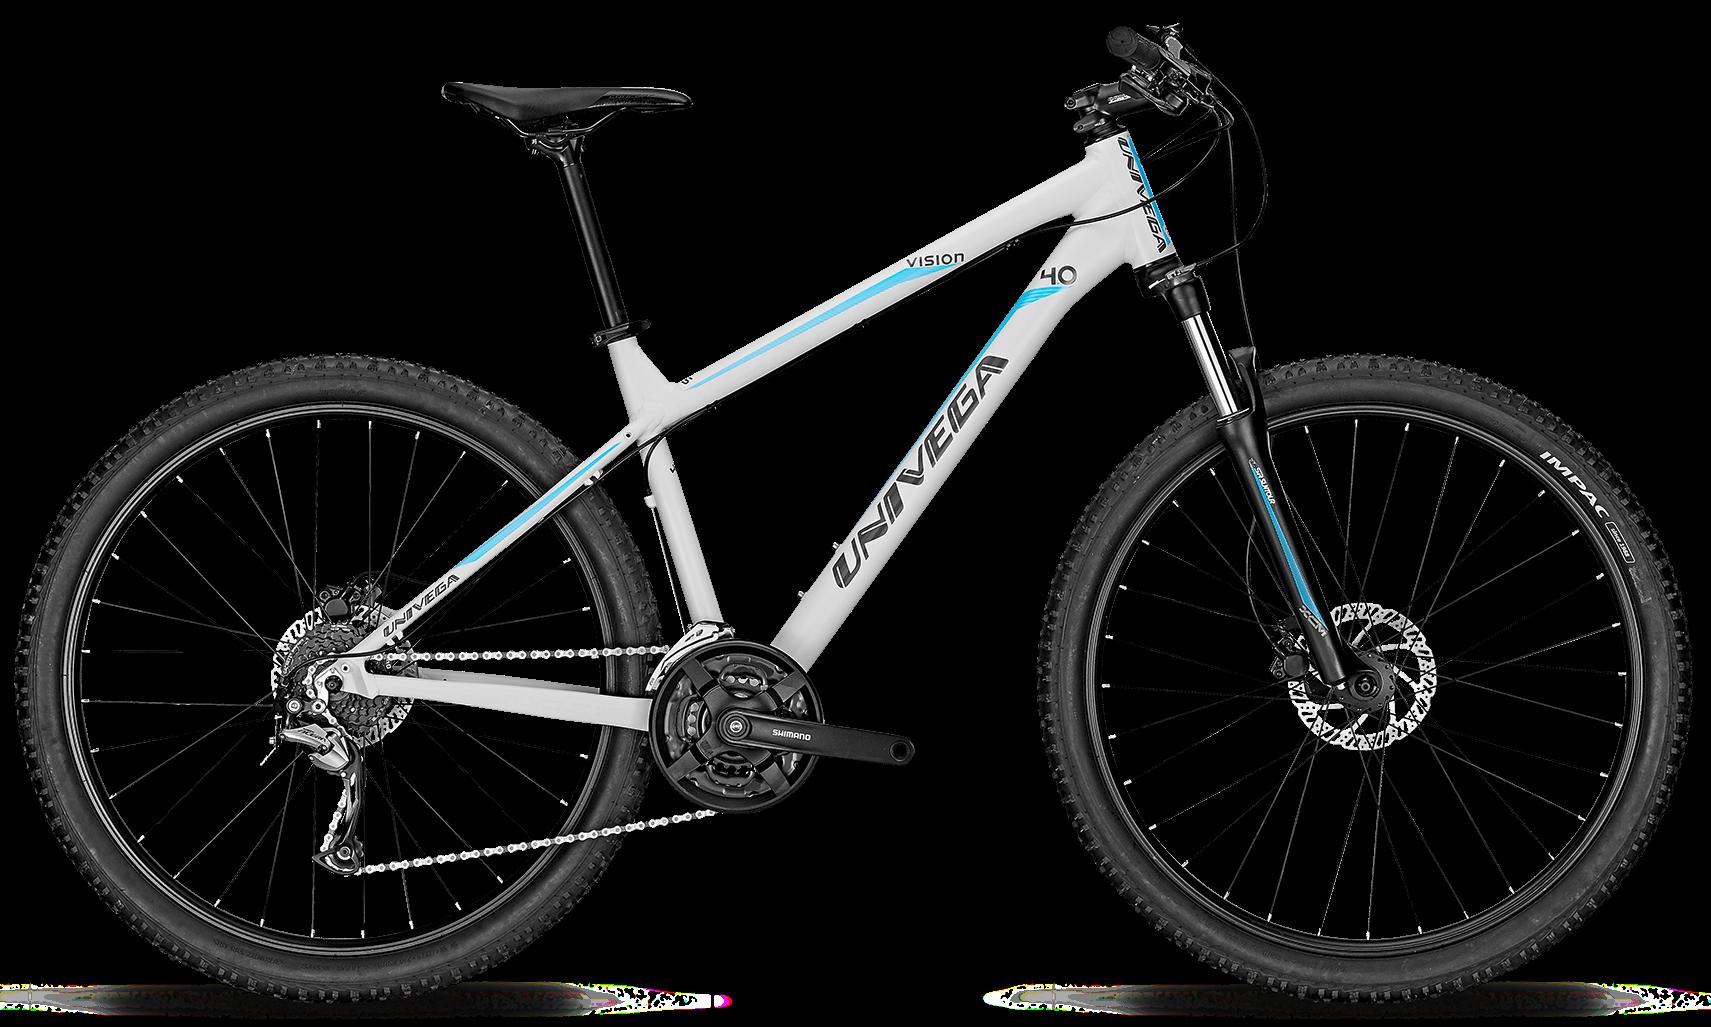 Велосипед UNIVEGA VISION 4.0 2018 cool grey matt, Велосипеды - арт. 1028590390